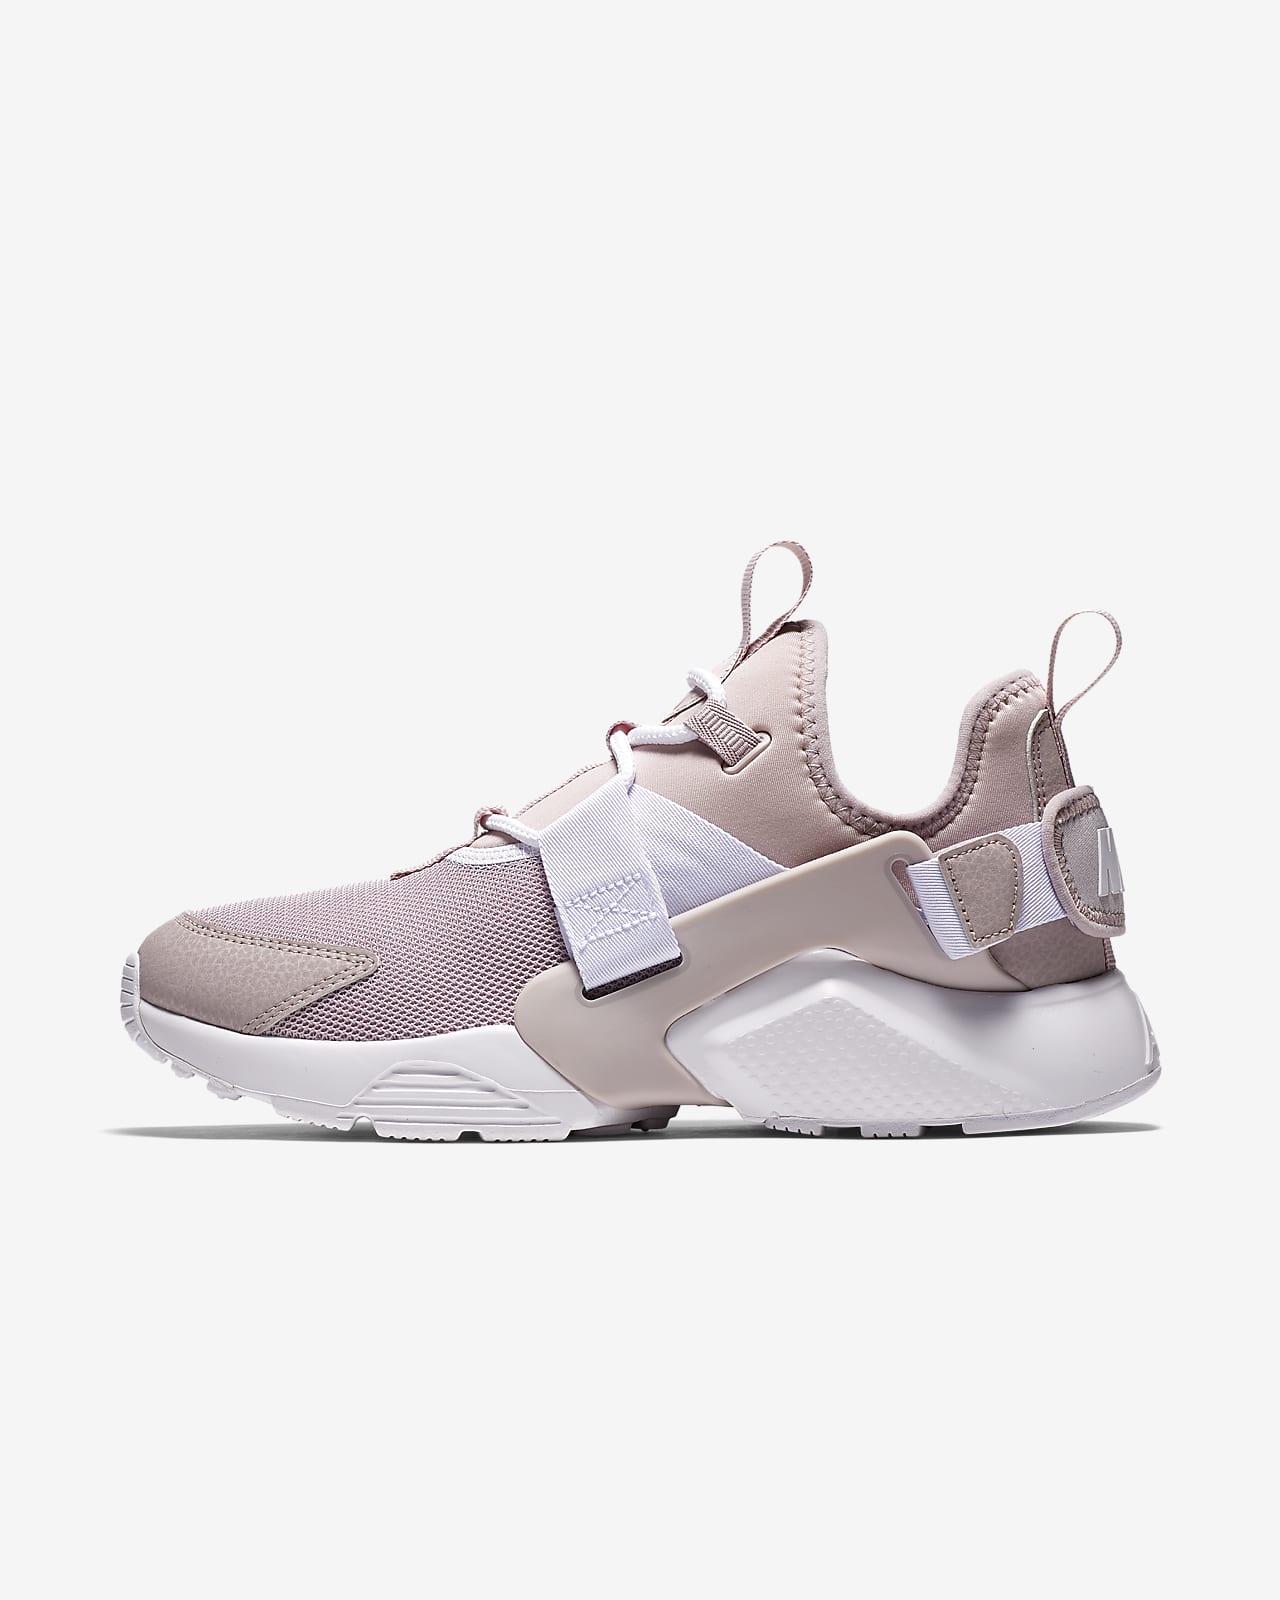 Nike Air Huarache City Low Women's Shoe